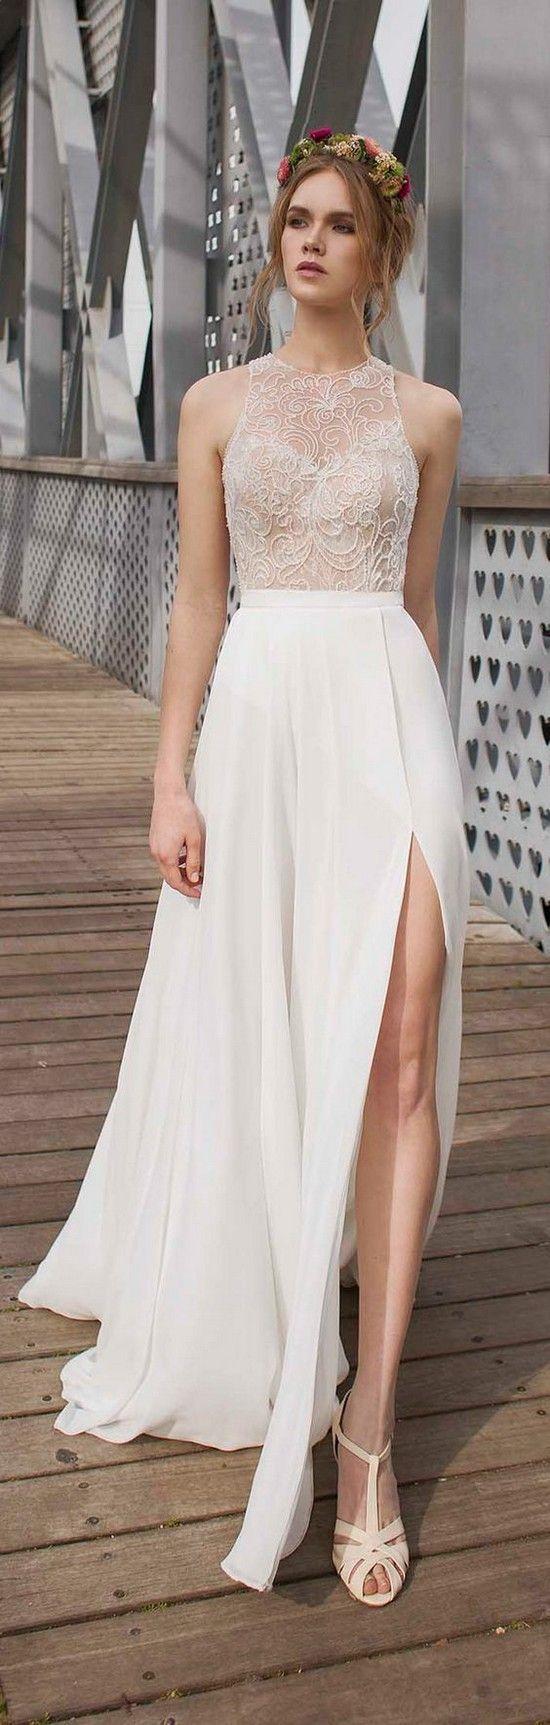 56 best Beach Wedding Dresses images on Pinterest | Hochzeitskleider ...